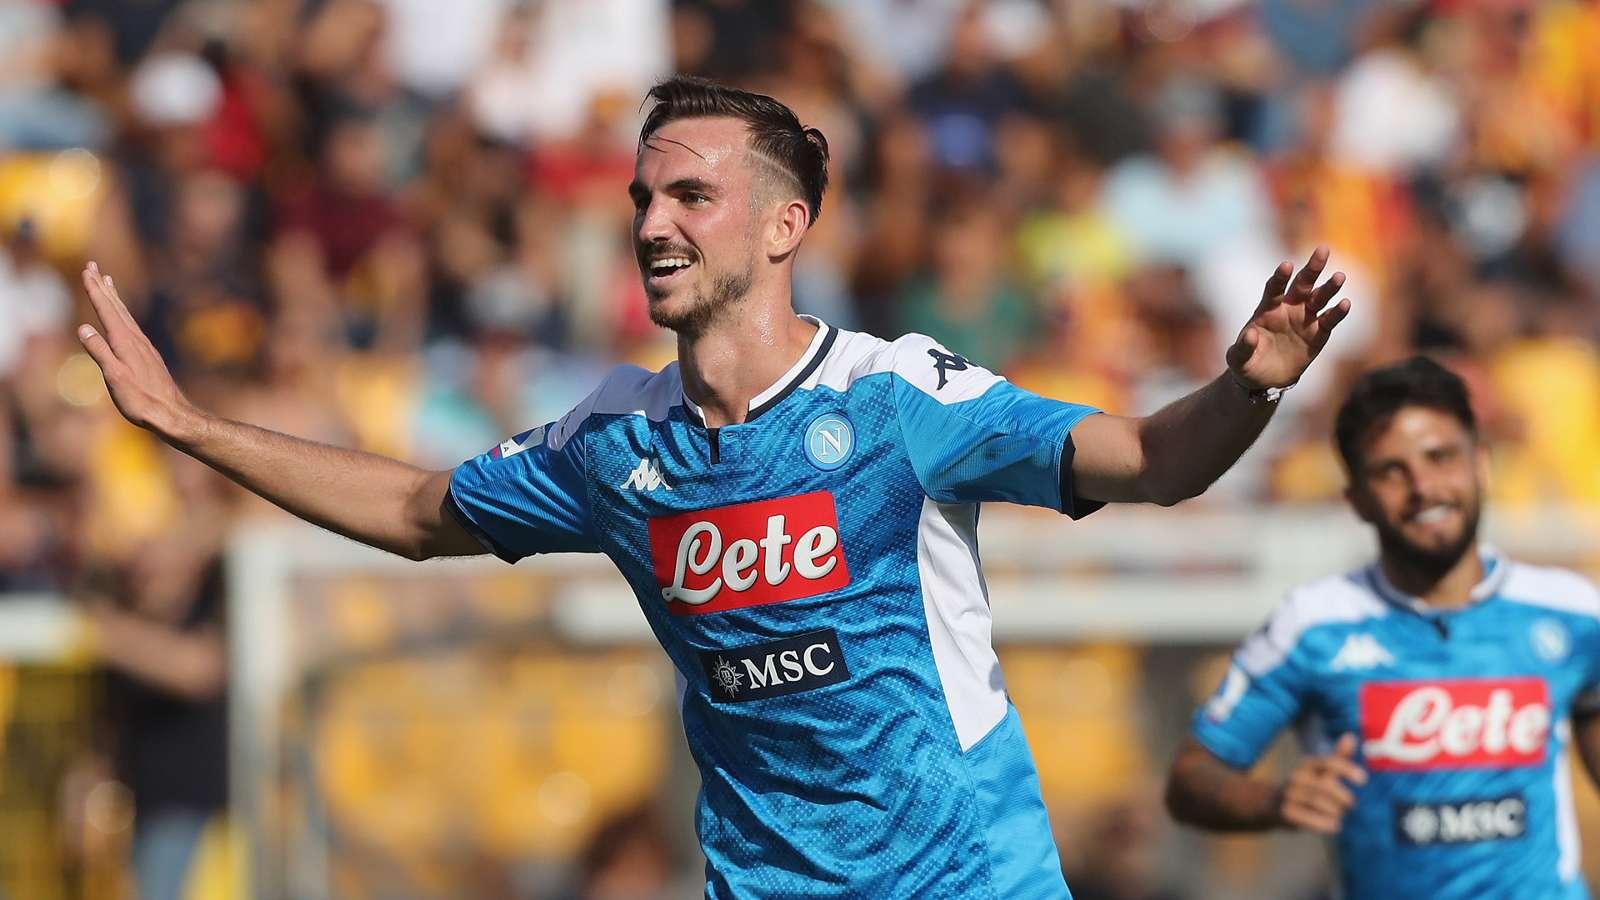 Calciomercato Napoli, Fabian Ruiz piace molto al Barcellona: si pensa al rinnovo - NAPOLI CALCIO